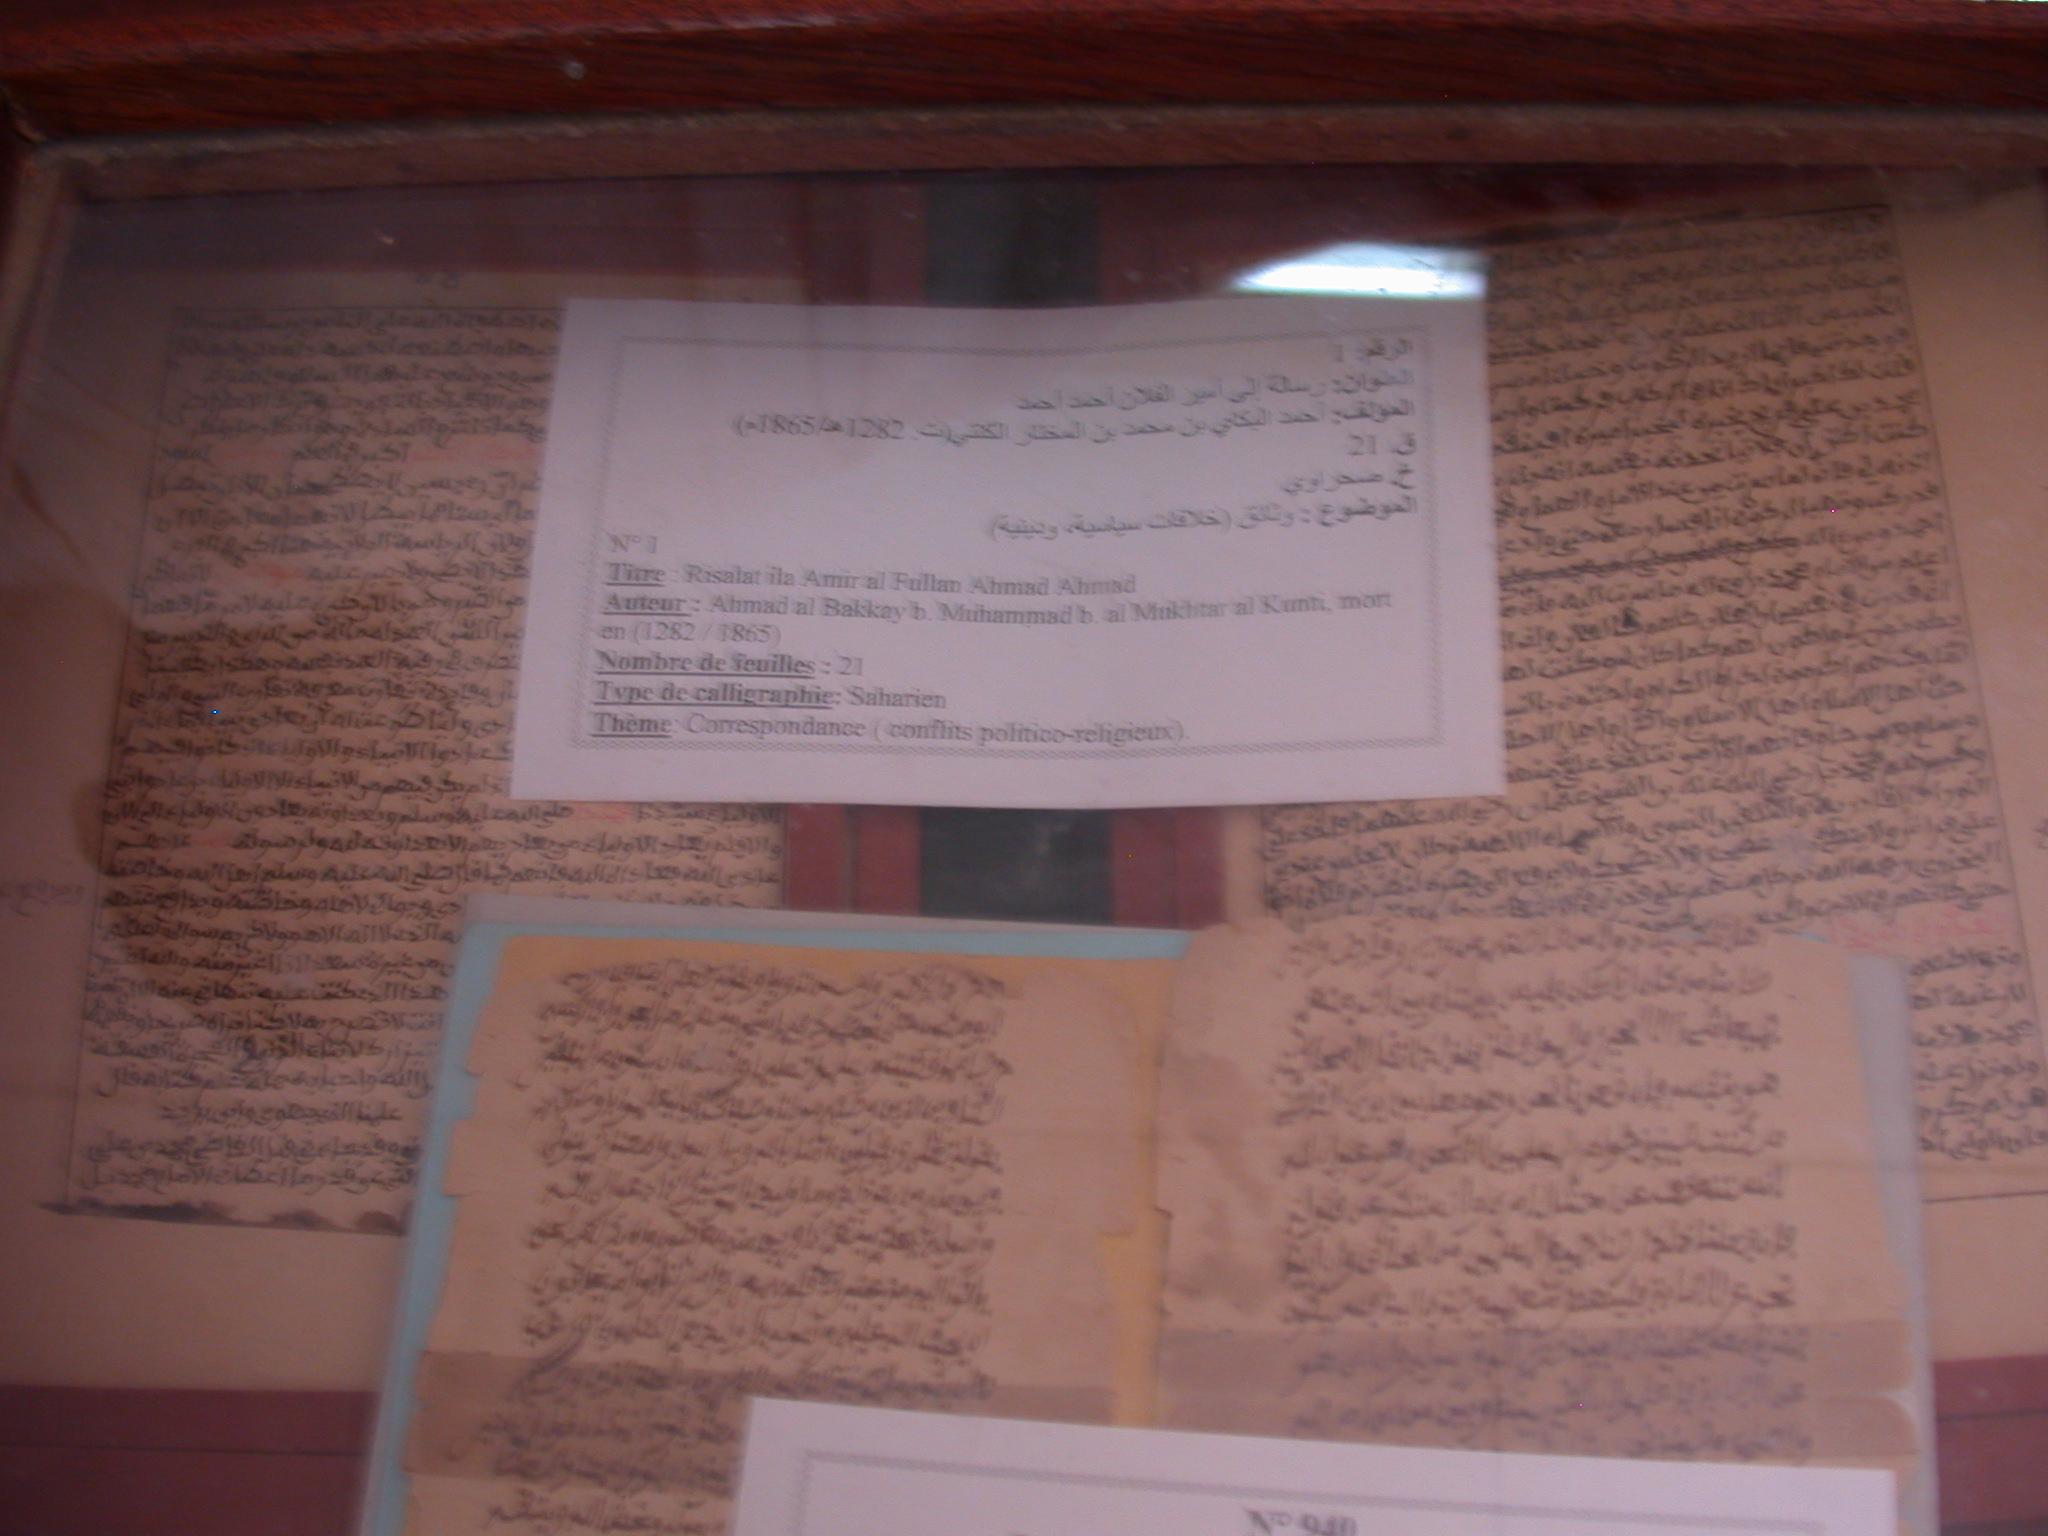 Manuscript, Risalat ila Amir al Fullan Ahmad Ahmad, Ahmed Baba Institute, Institut des Hautes Etudes et de Recherches Islamiques, Timbuktu, Mali